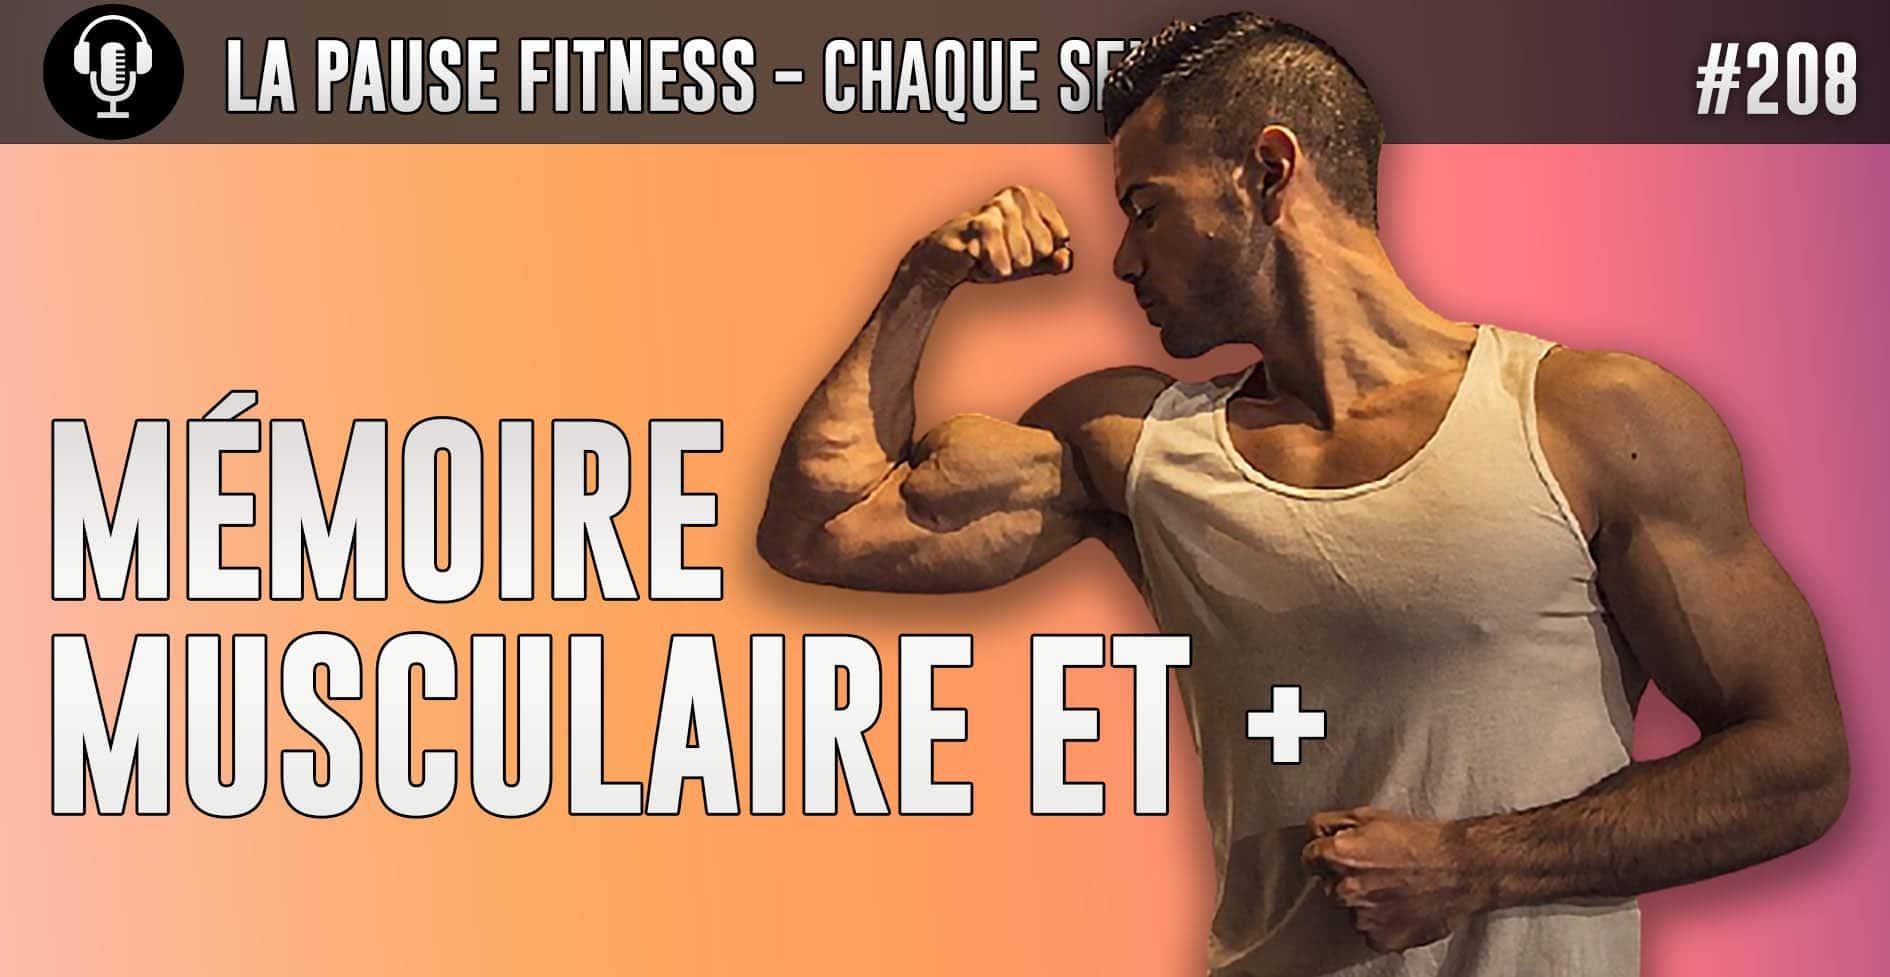 Mémoire musculaire, musculature, attirance et santé métabolique